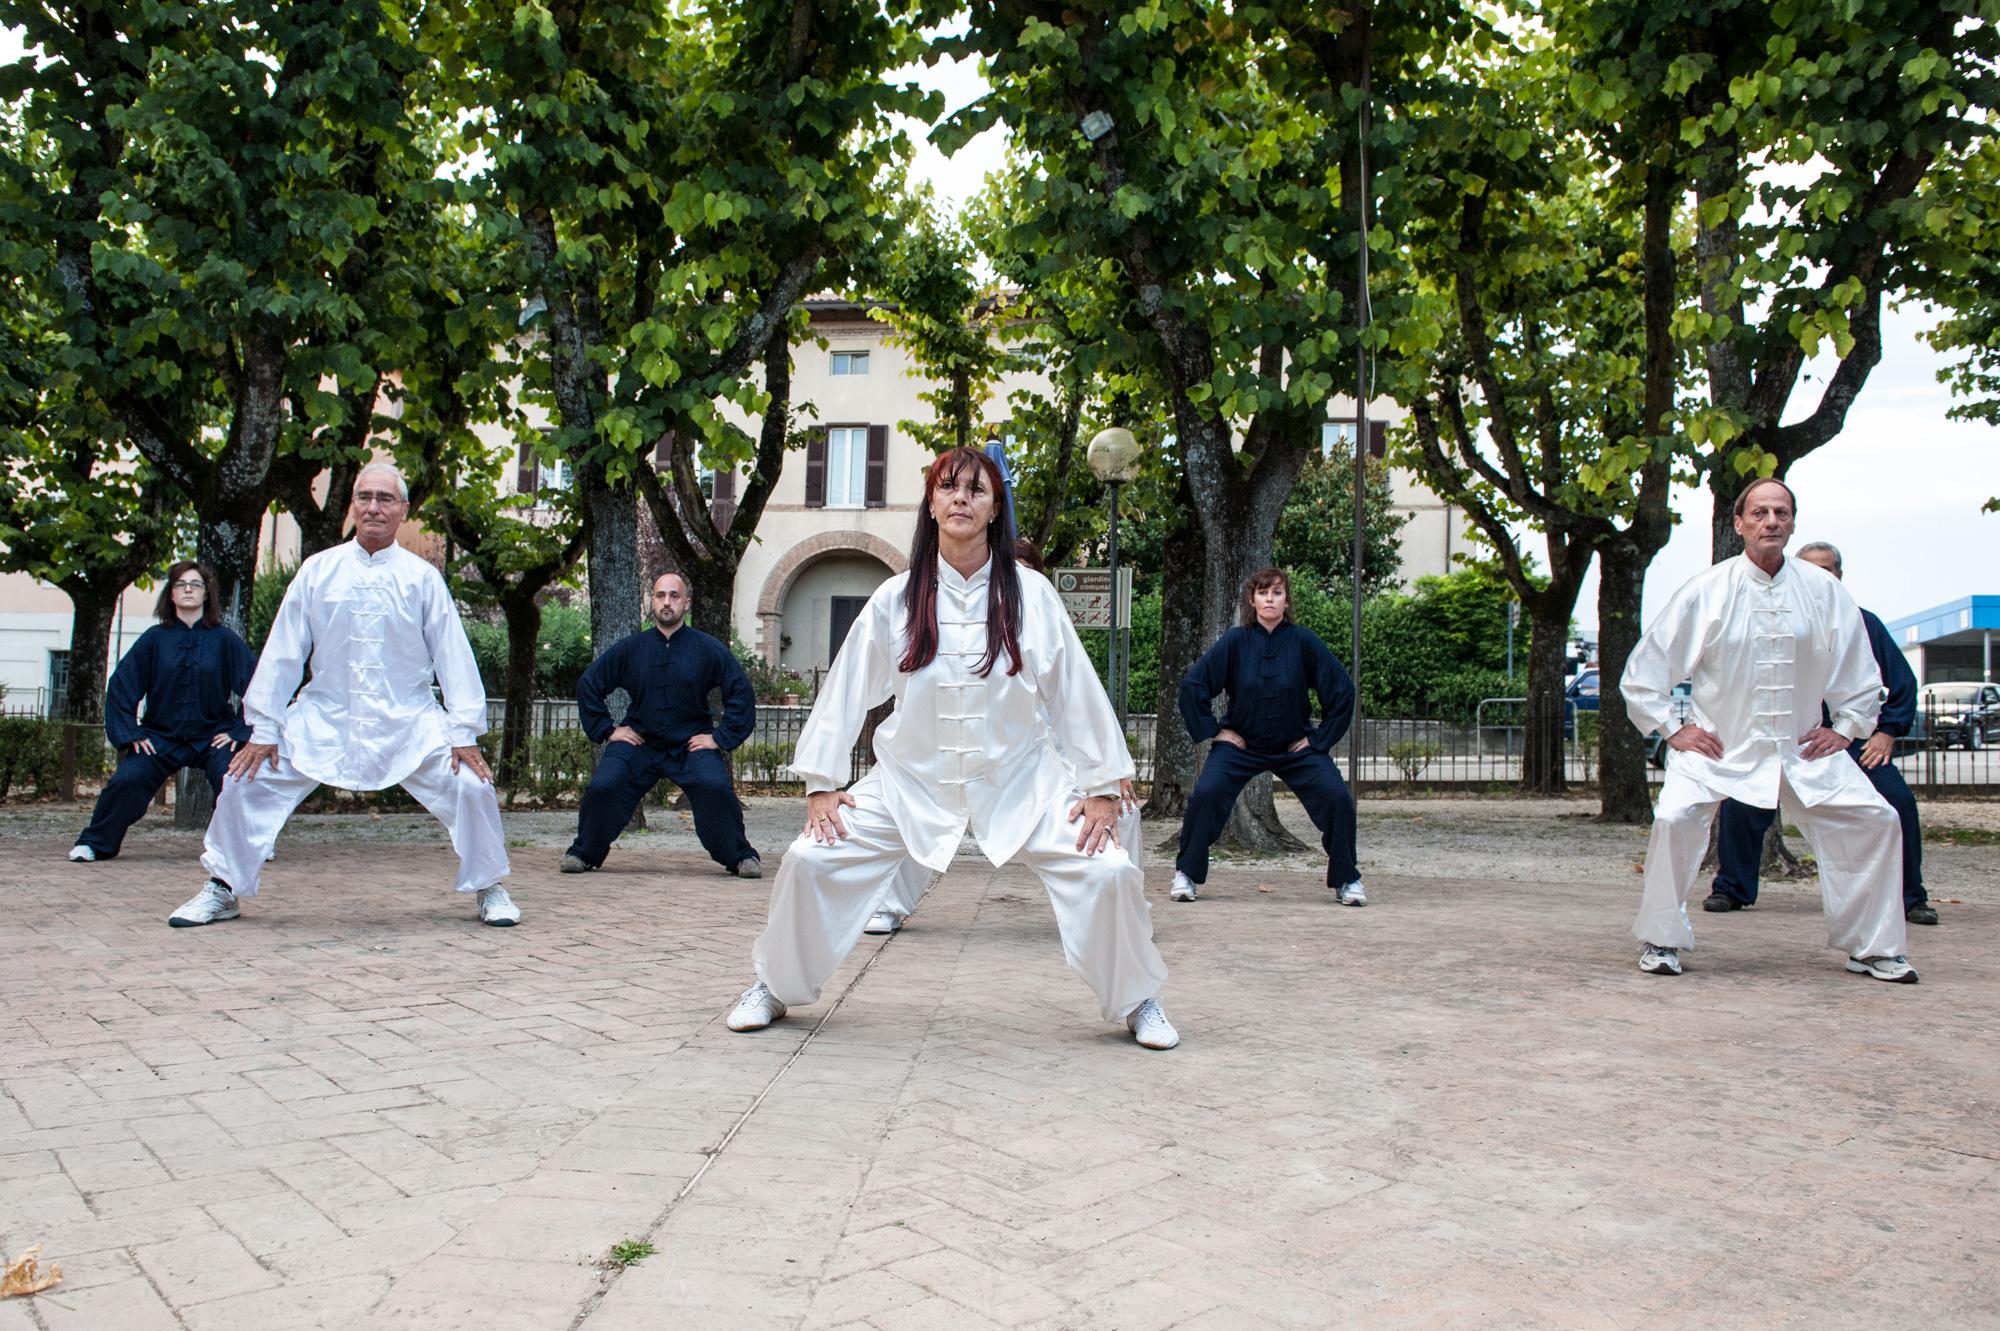 Secondo l'Università di Oxford, gli anziani che praticano Tai Chi Chuan riducono di un quinto il rischio di cadute 1